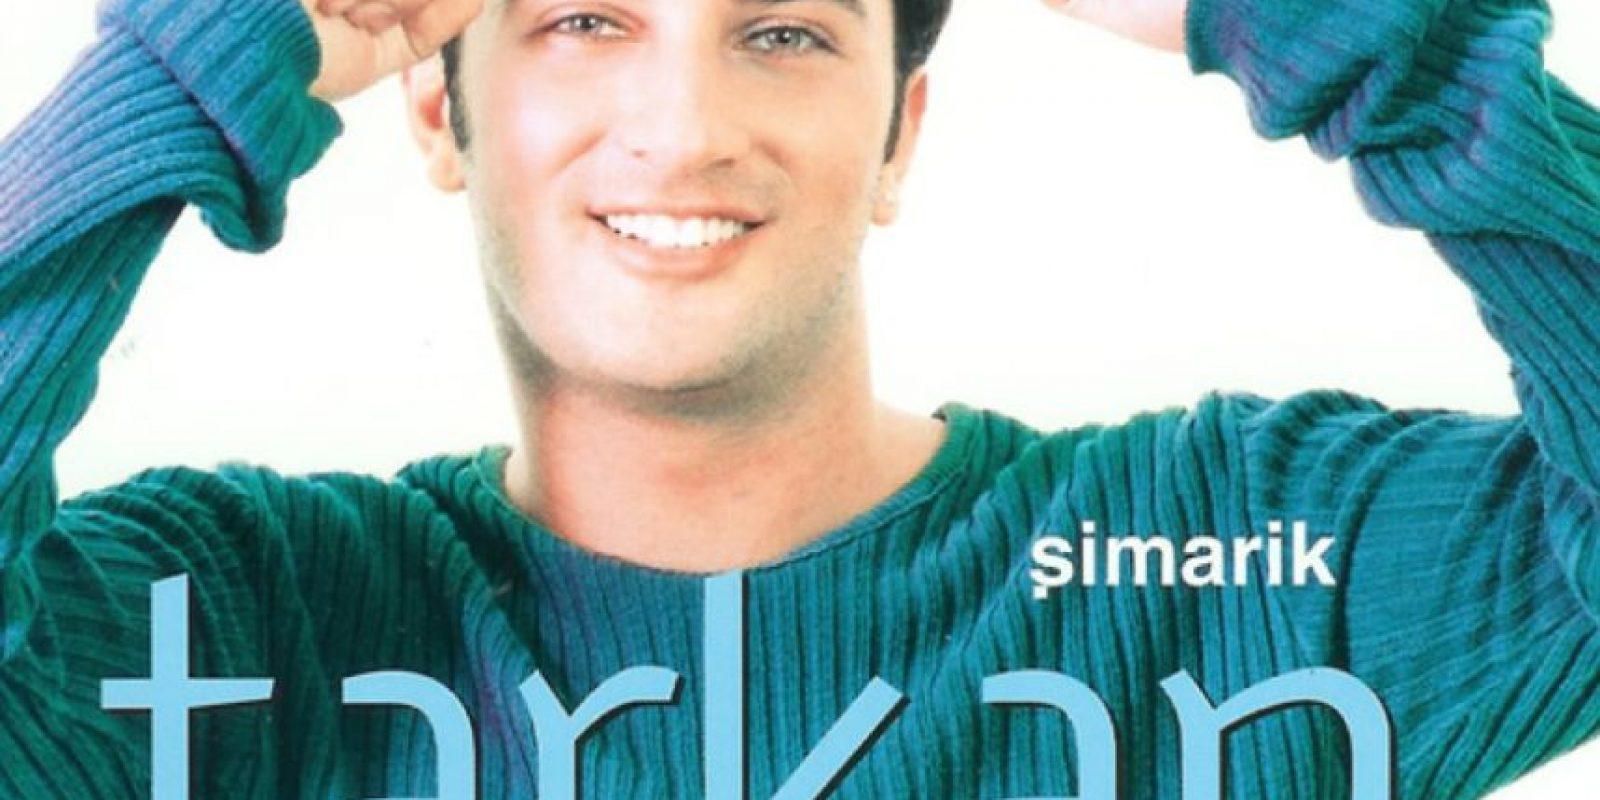 """Tarkan. Y su beso """"Muack muack"""", en la canción Simarik. Foto:vía Facebook/Tarkan"""